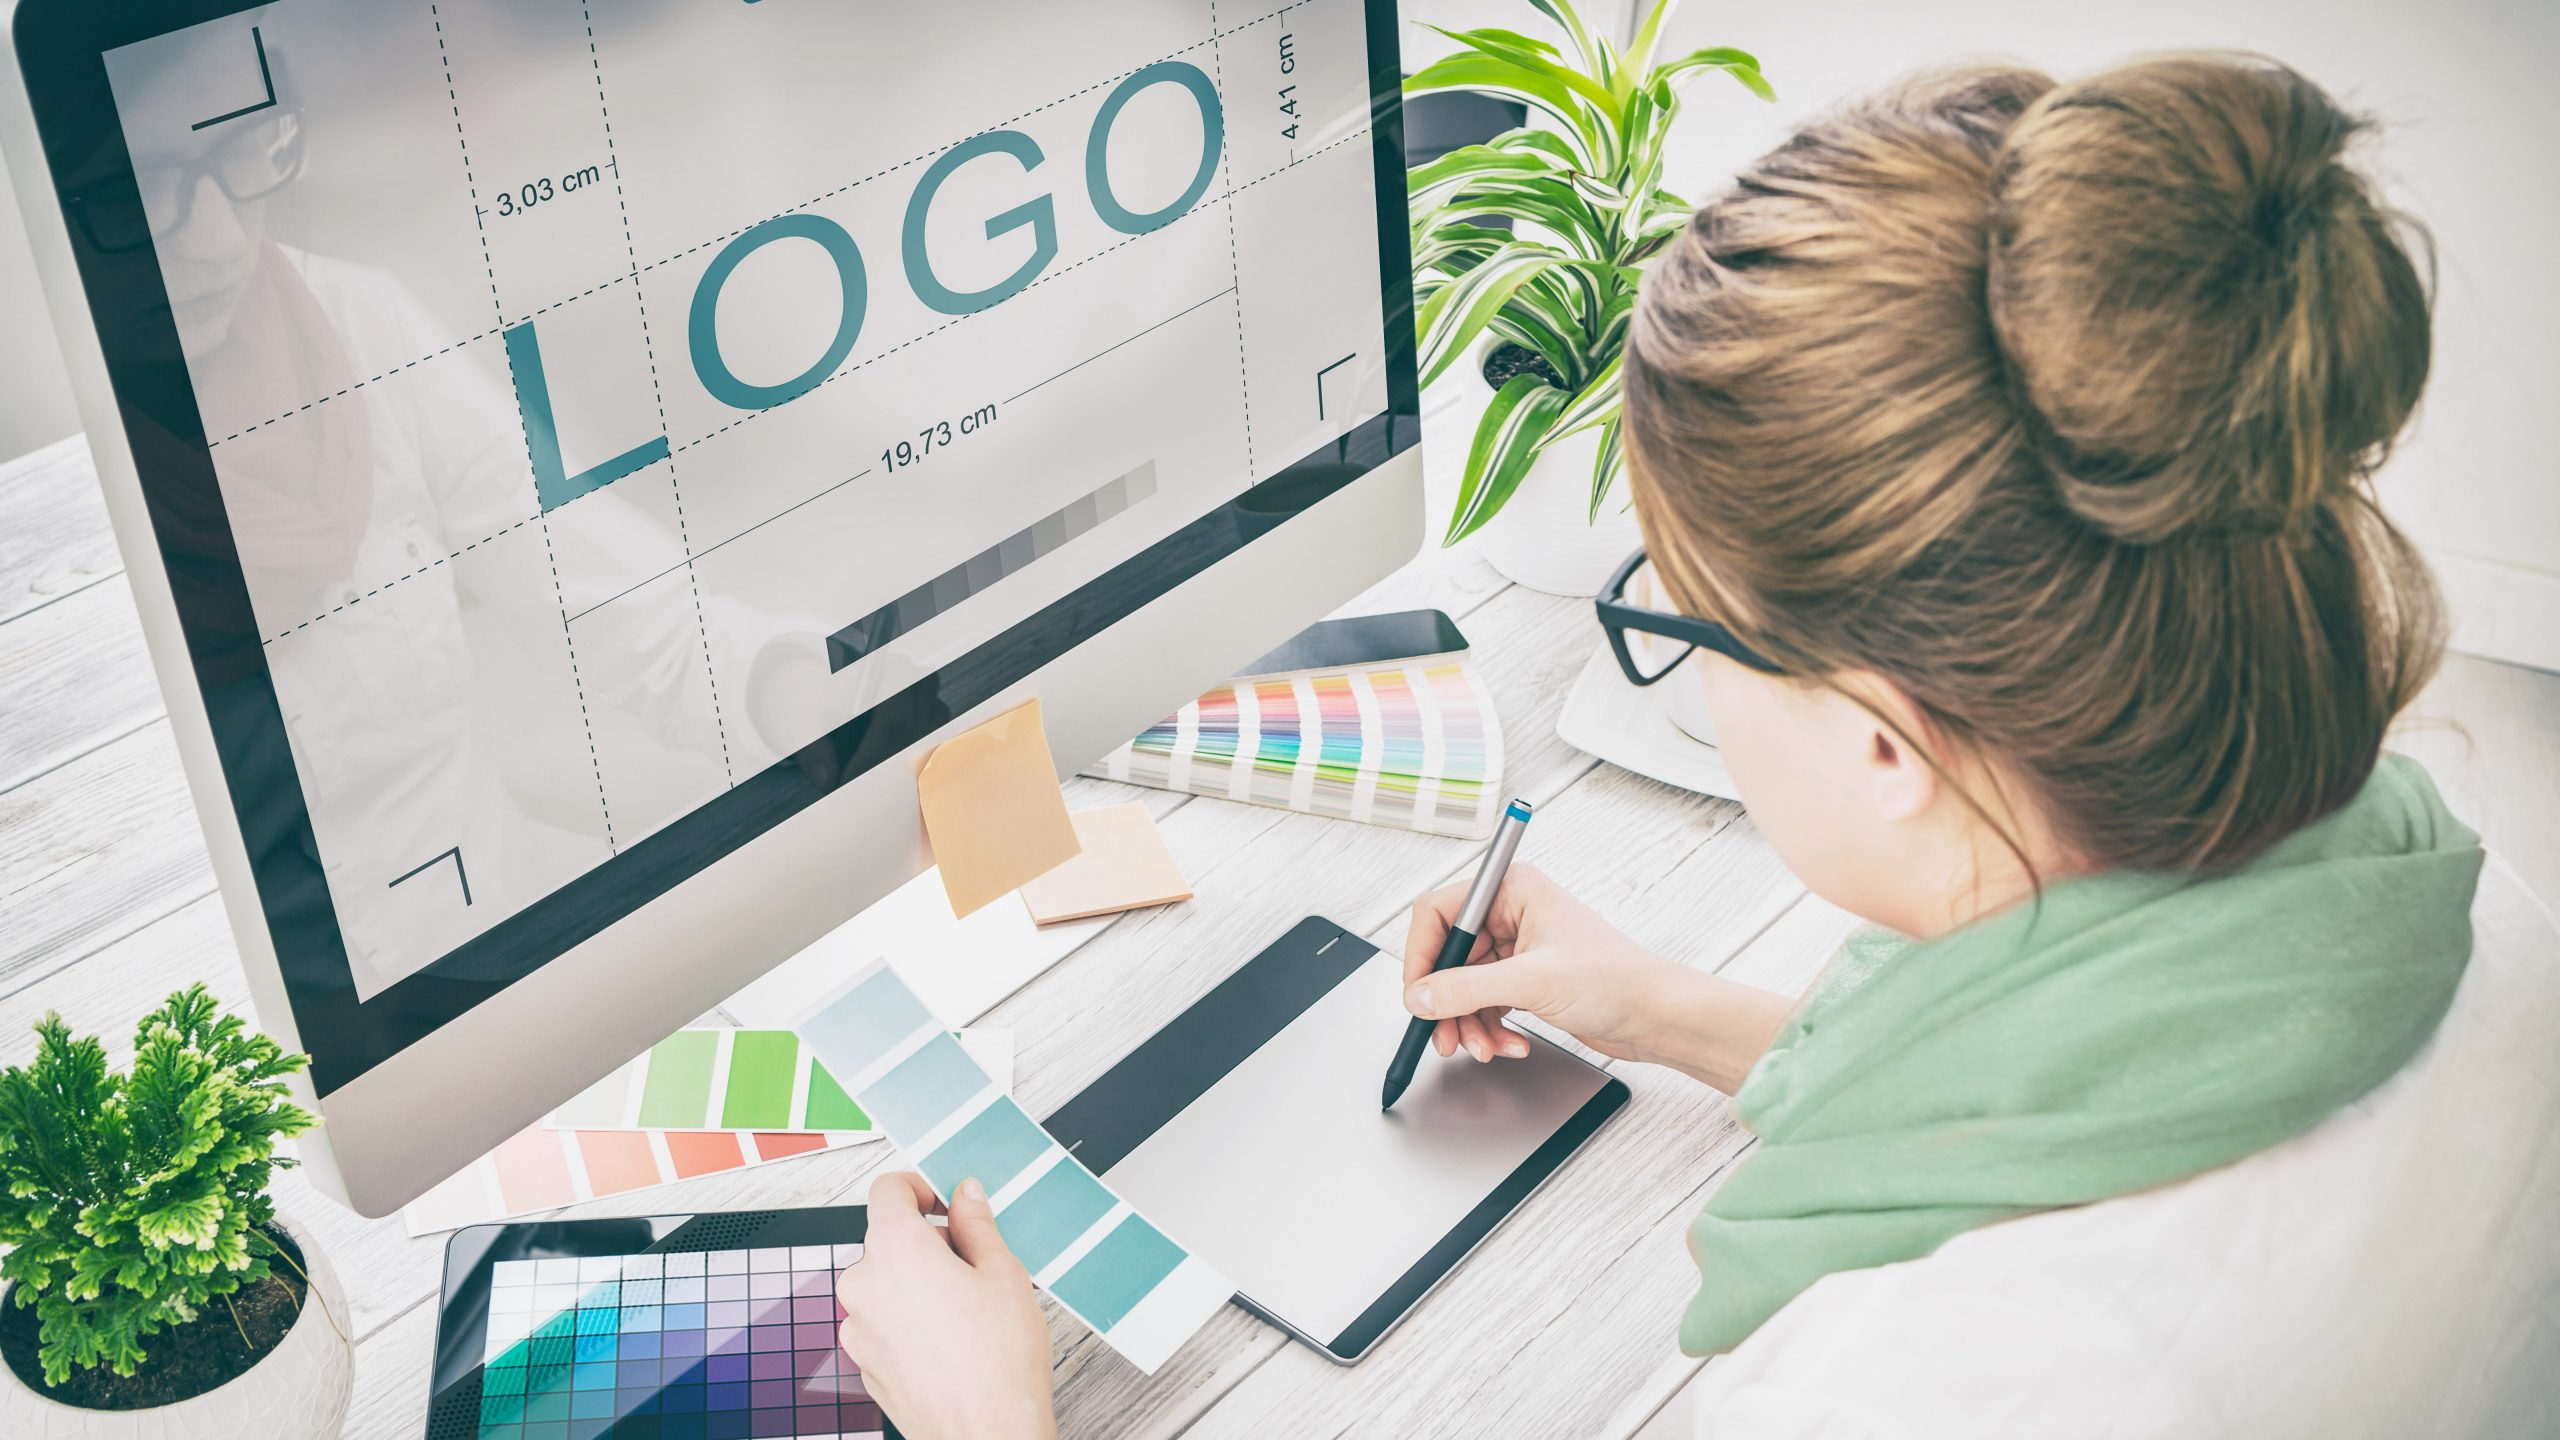 Branding for Digital Marketing